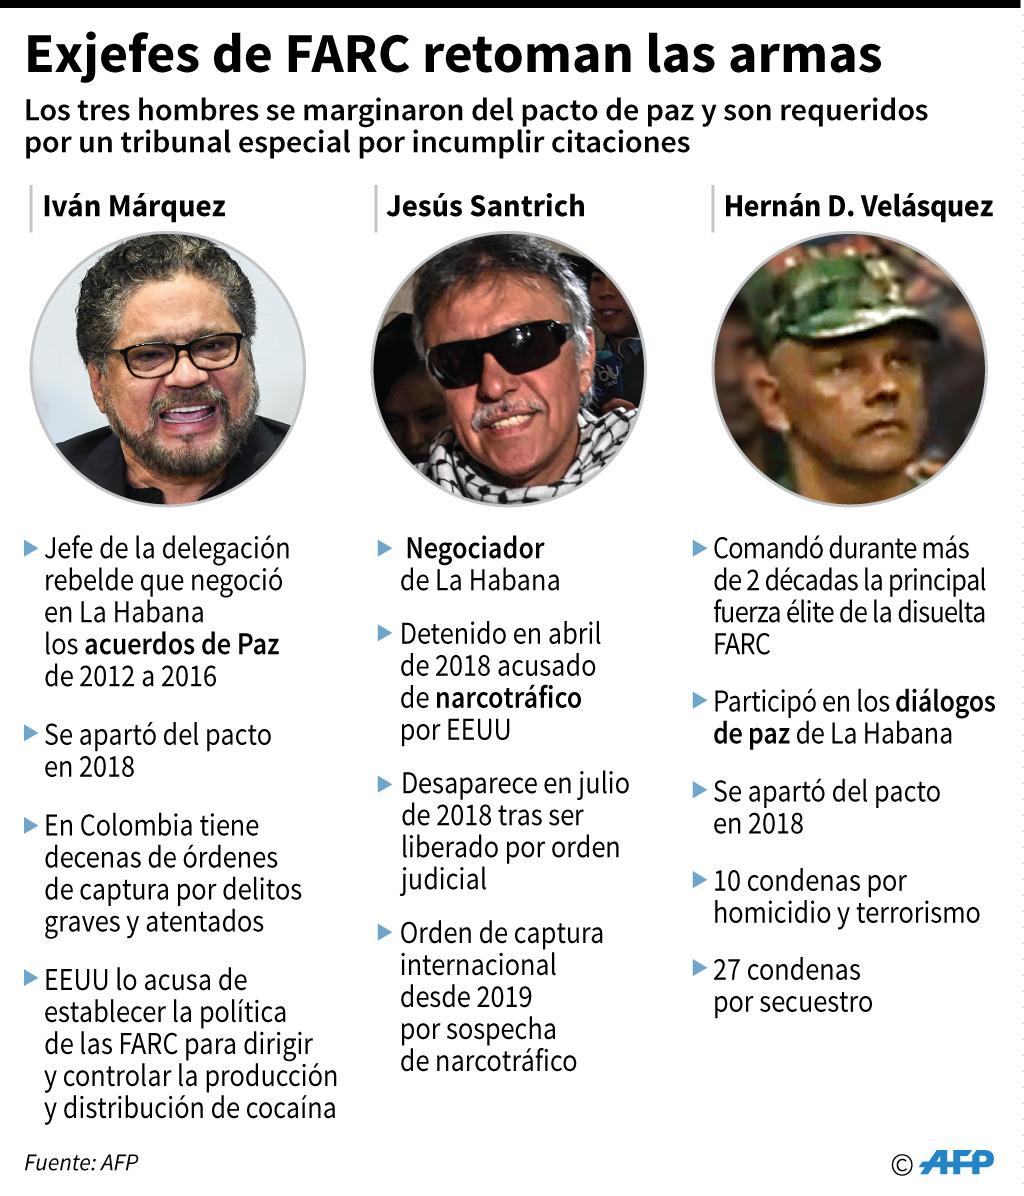 Fichas biográficas de los tres exjefes de la disuelta guerrilla de las FARC que anunciaron la nueva rebelión en Colombia. (AFP)